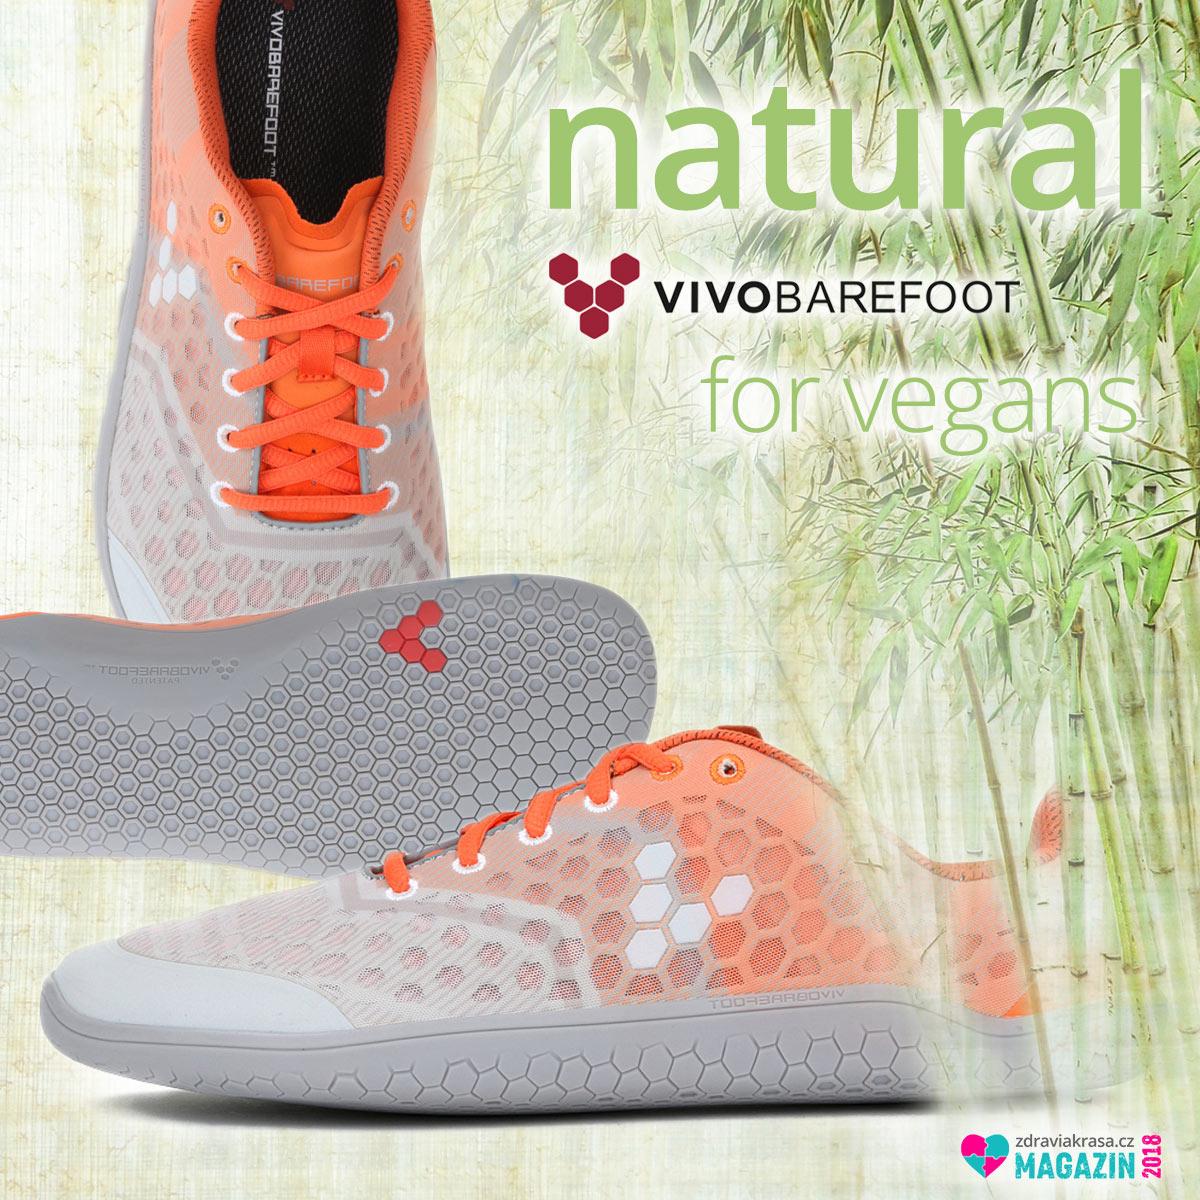 VIVOBAREFOOT boty pro vegany.